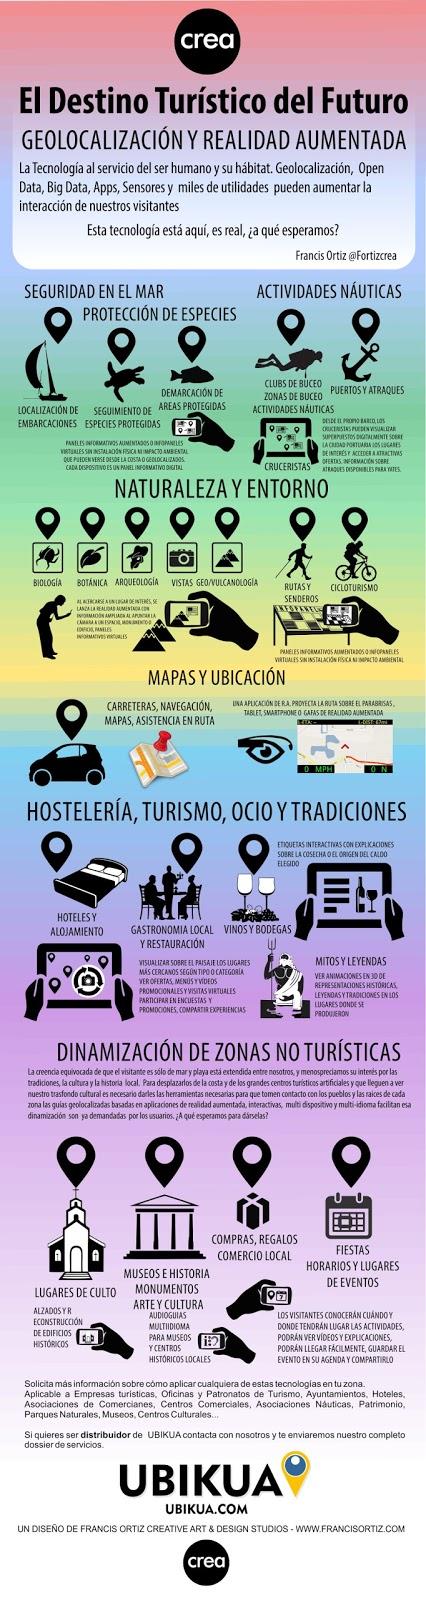 ES_Ubikua_El_Destino_Turistico_del_Furuto_Francis_Ortiz